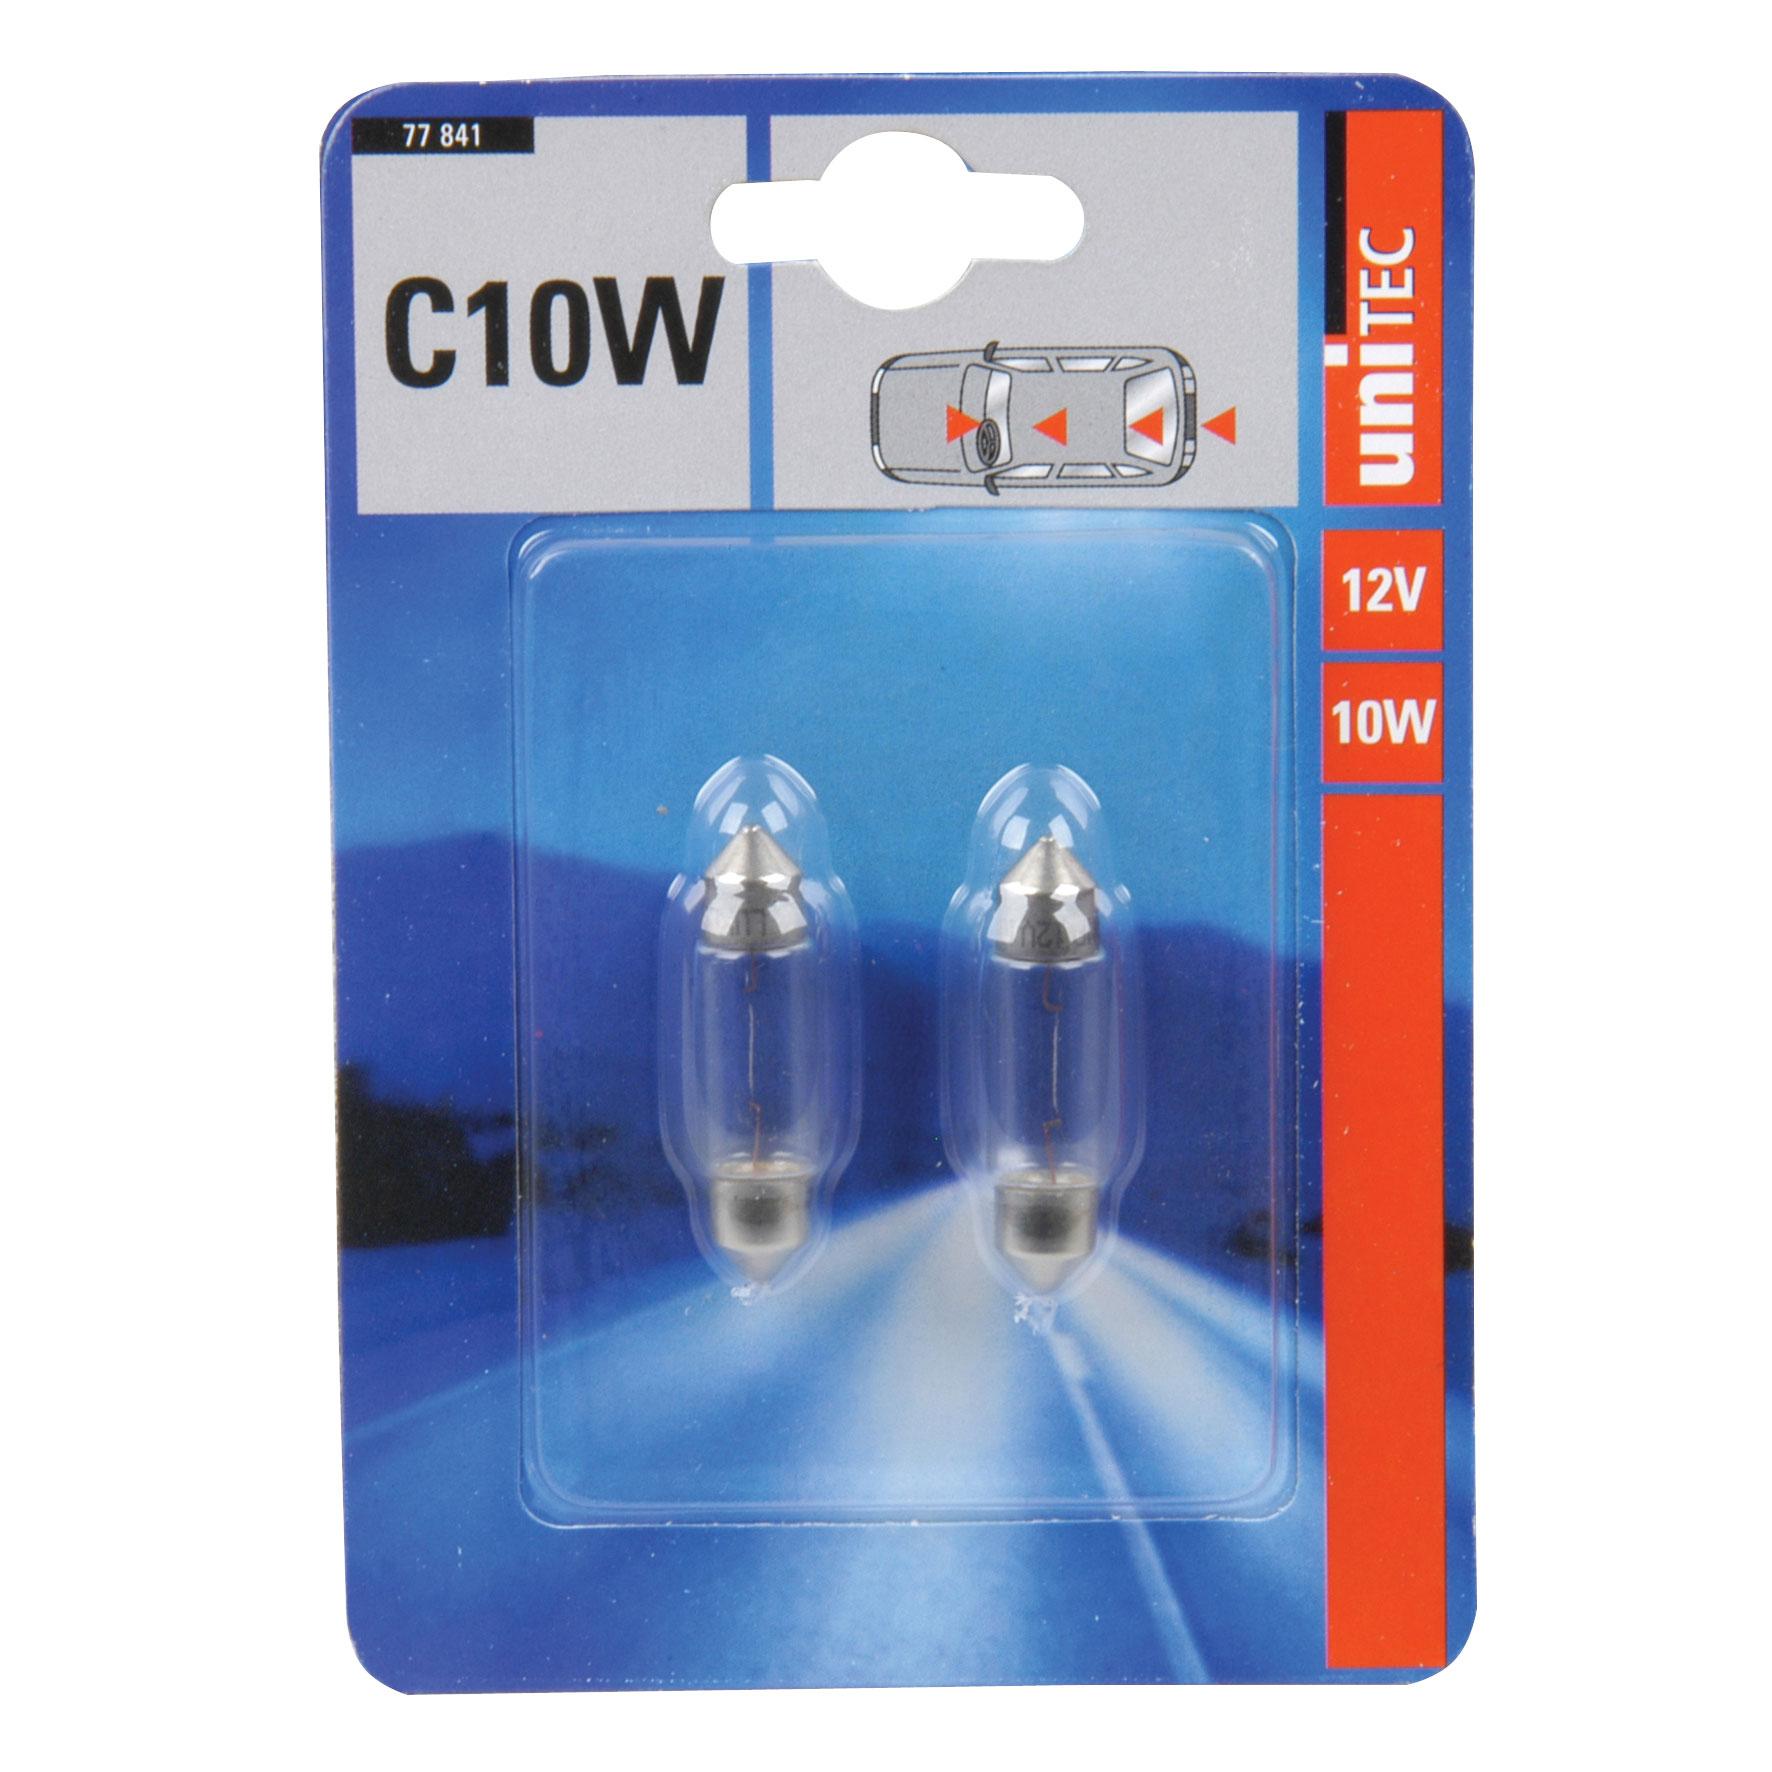 Soffittenlampe Unitec C10W 2 Stück Bild 1